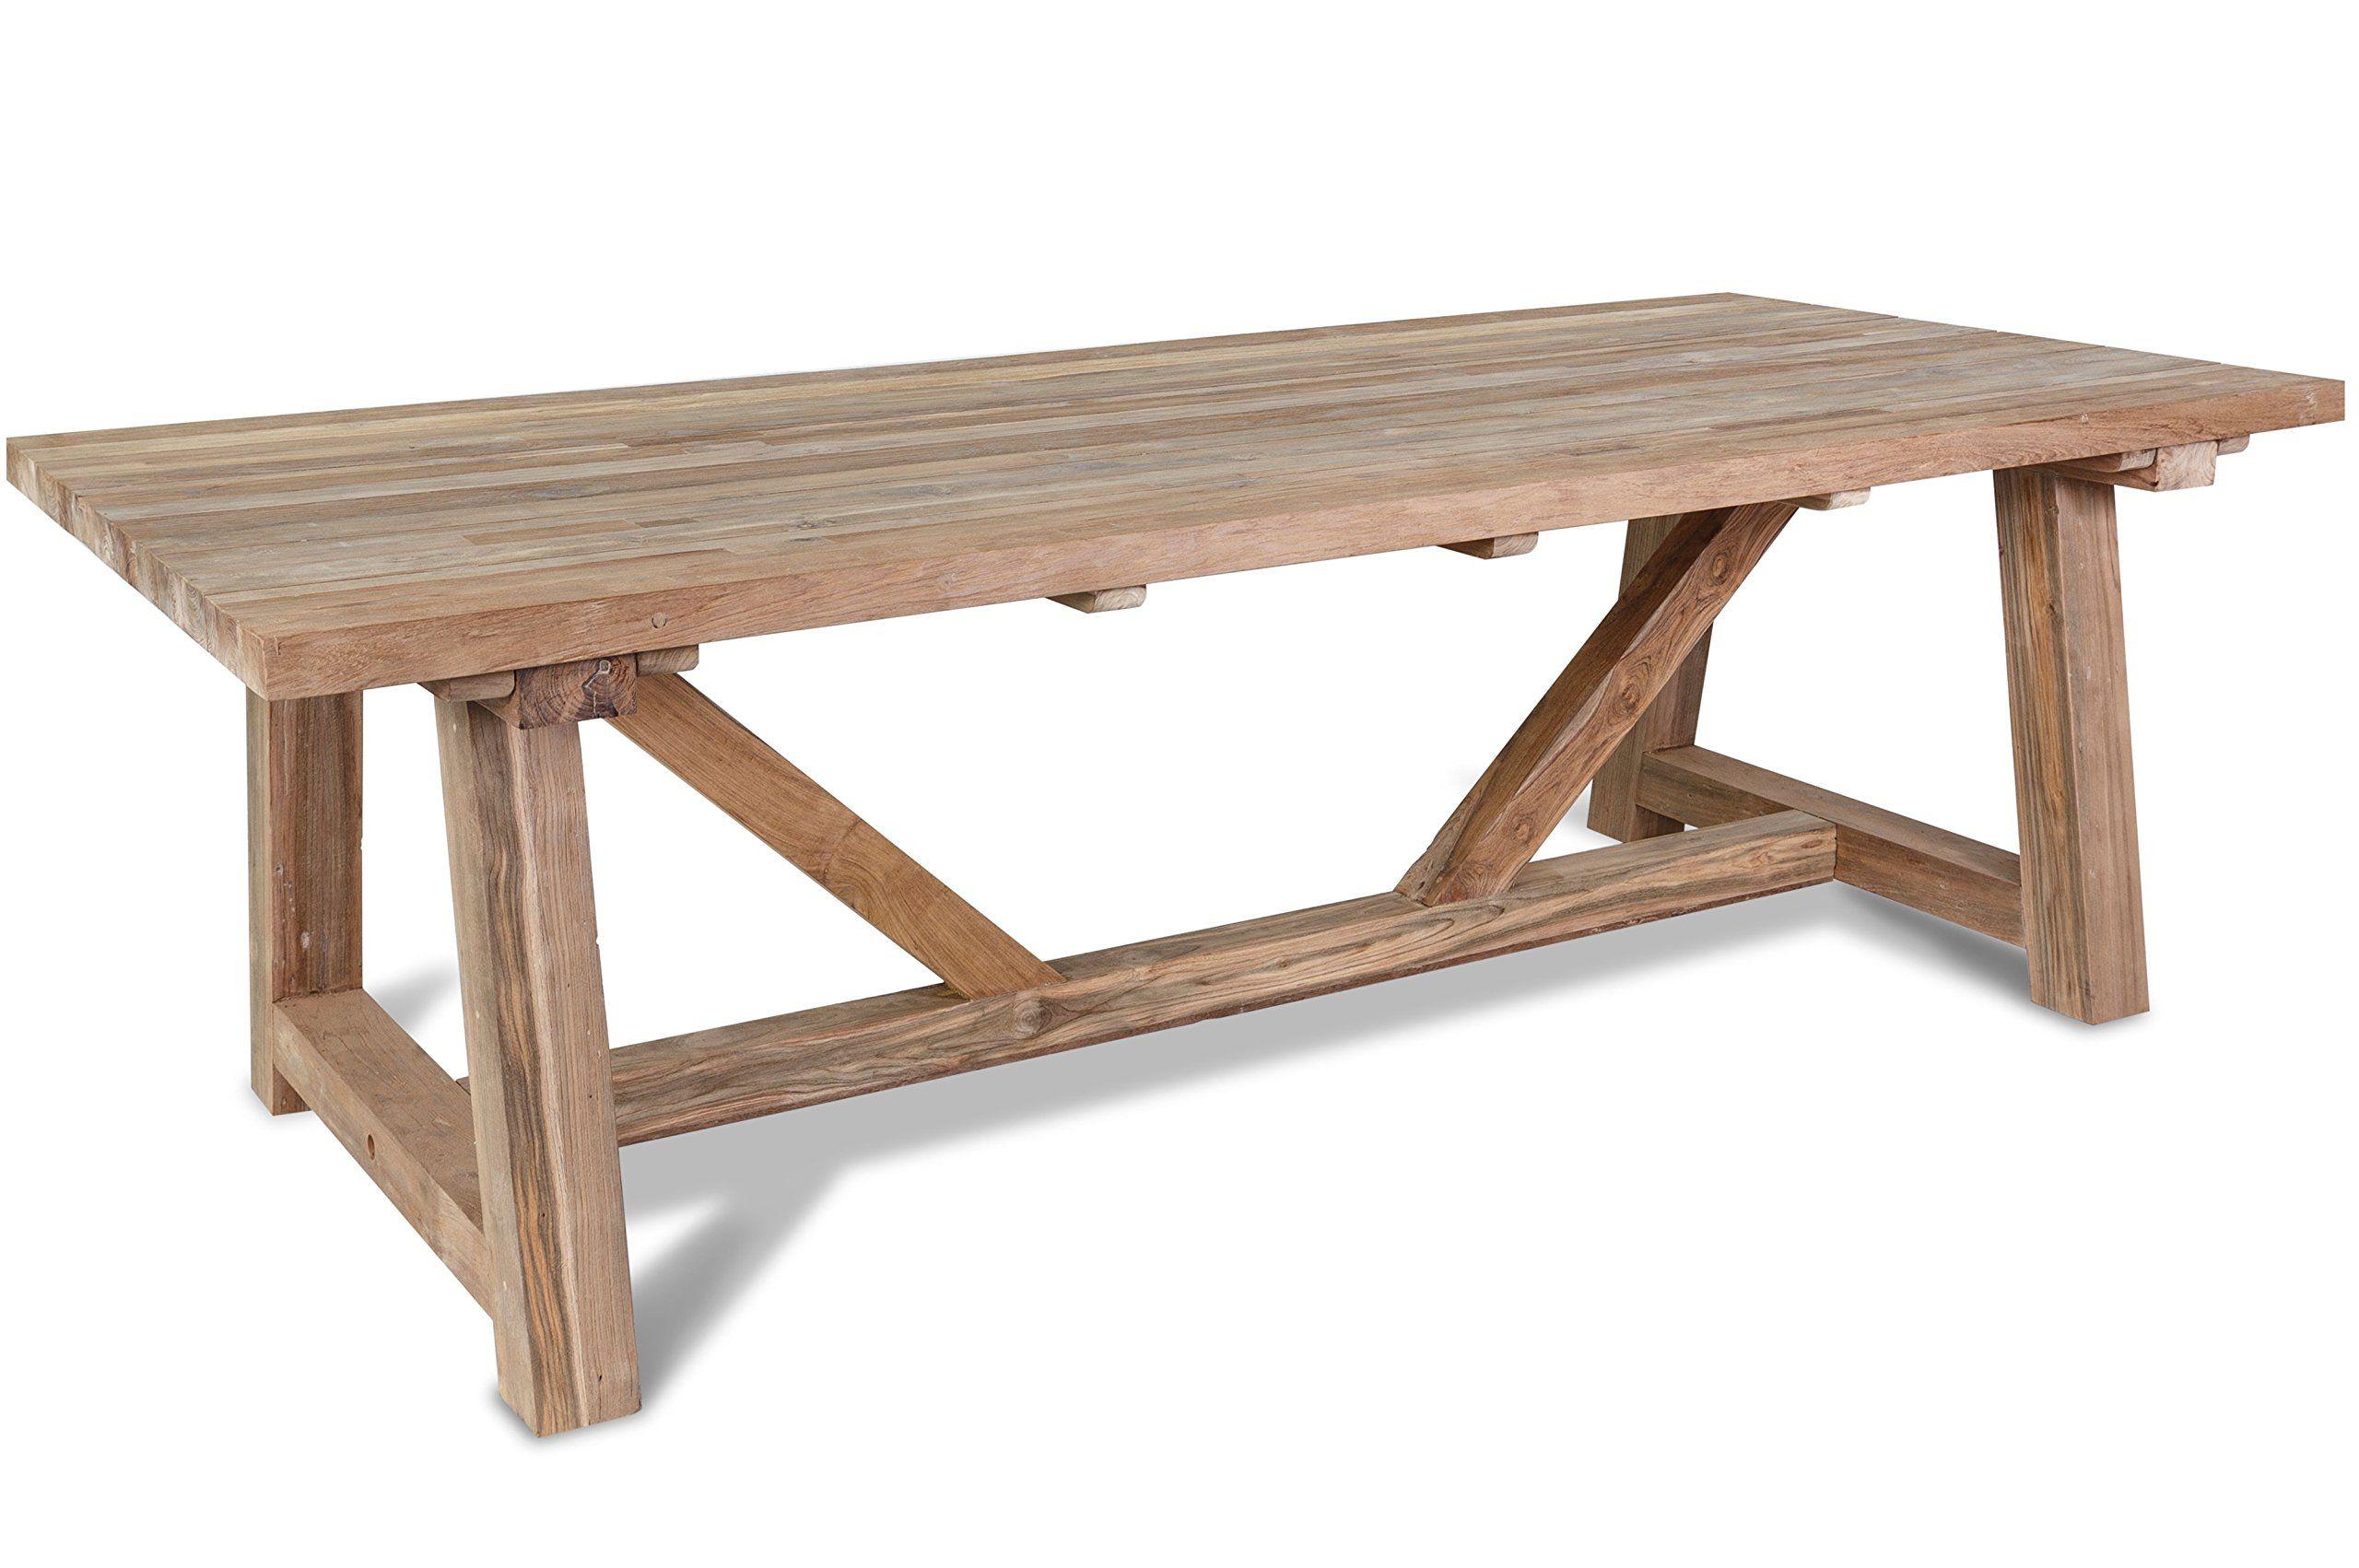 Amazon De Outflexx Grosser Xxl Tisch Gartentisch In Natur Rustikal Geburstet Esstisch Aus Teak Holz Recycelt Tisch Garten In 2020 Gartentisch Gartentisch Holz Teak